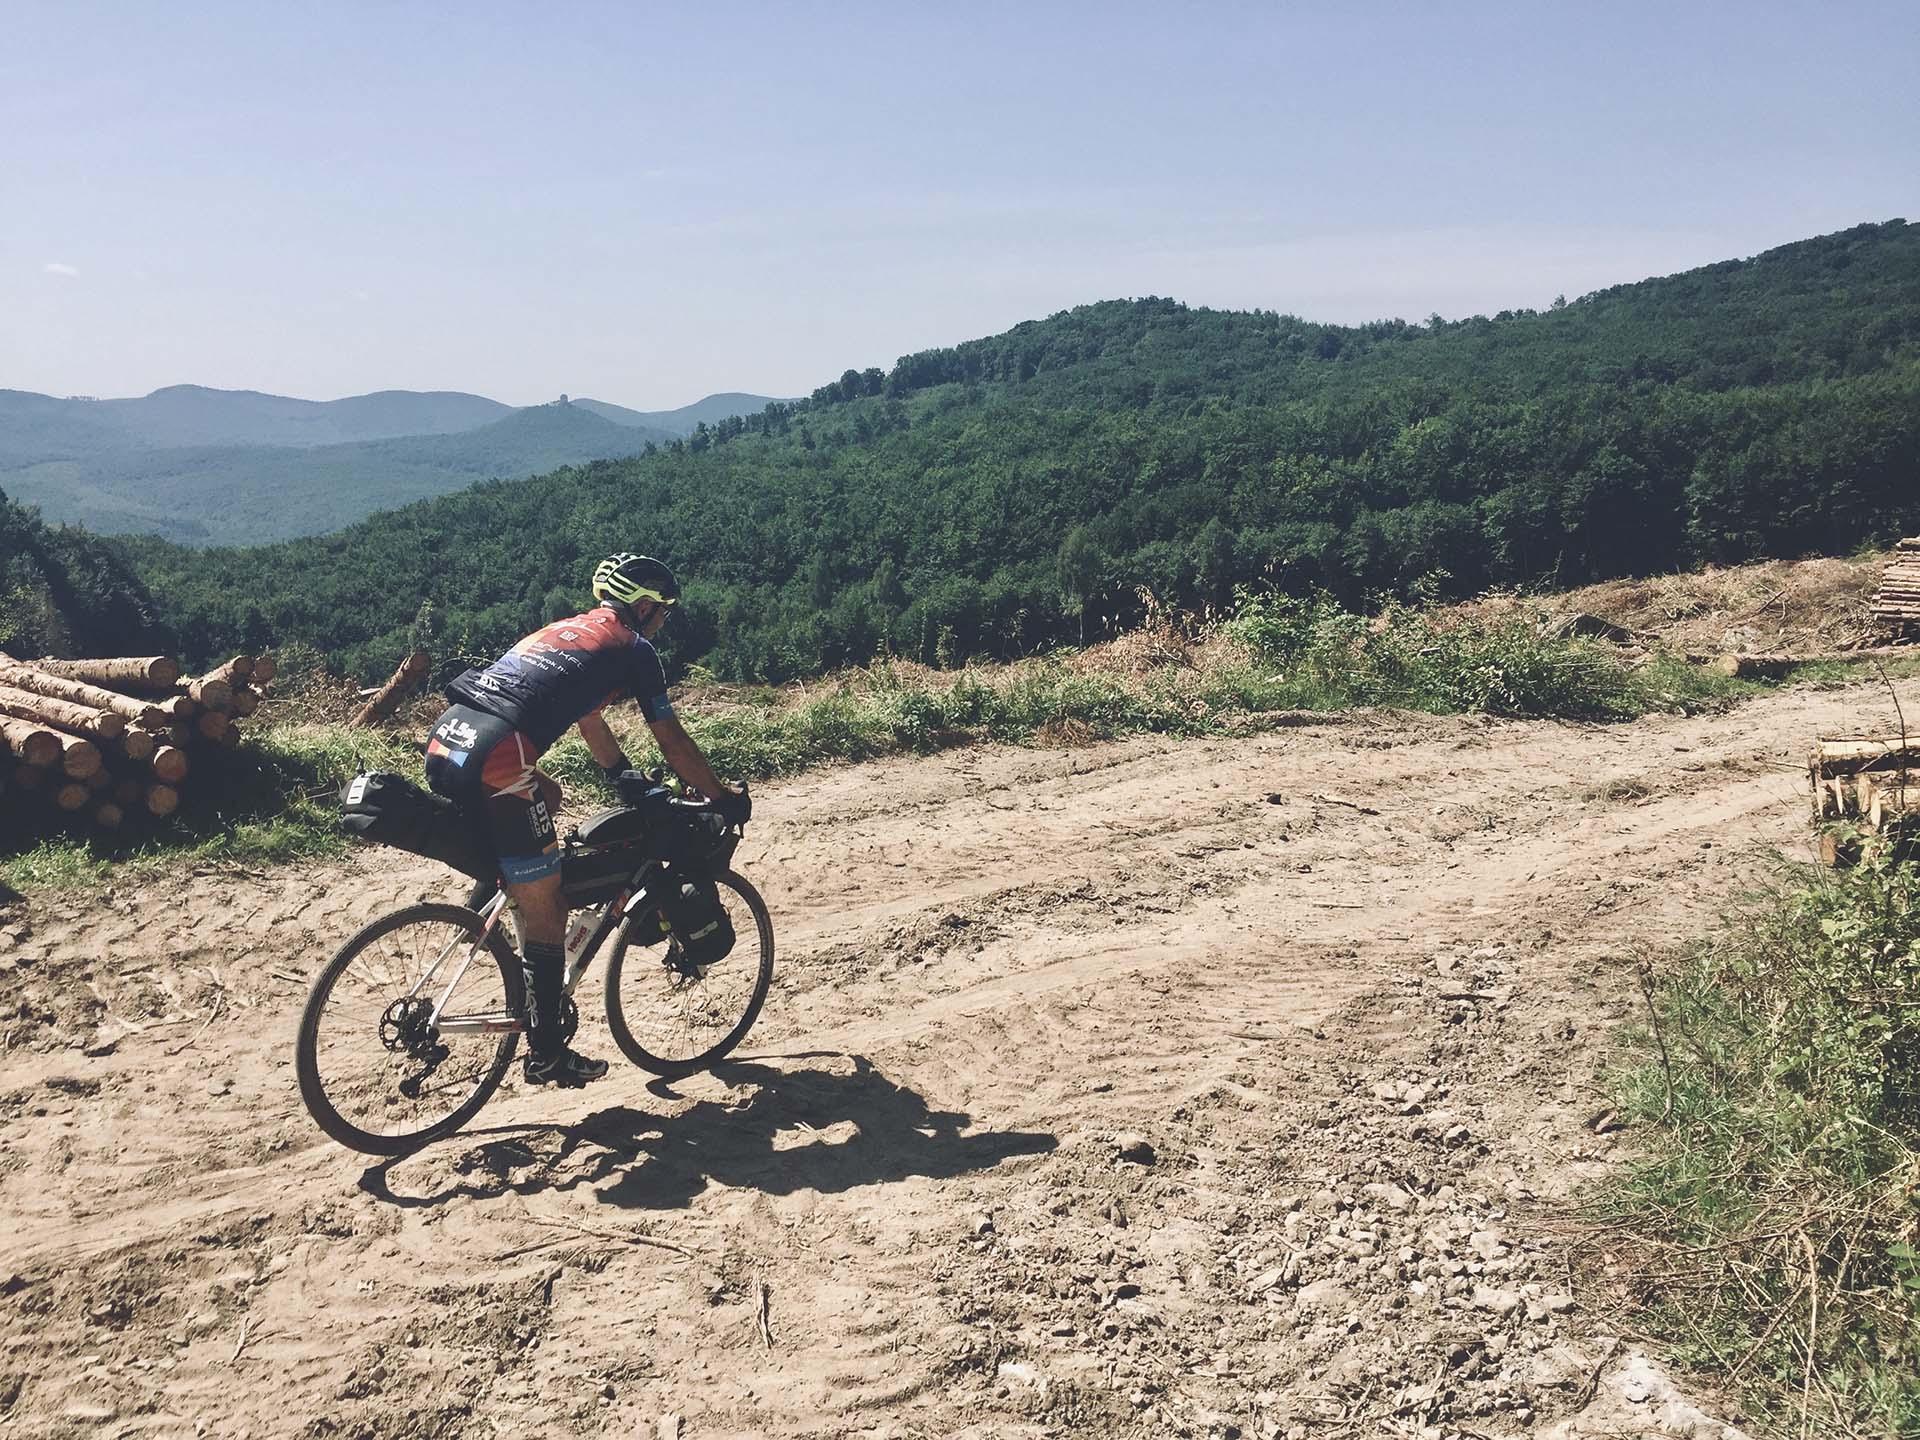 Európa egyik legkeményebb offroad kerékpártúrája van kialakulóban hazánkban - A Hungarian Divide-4